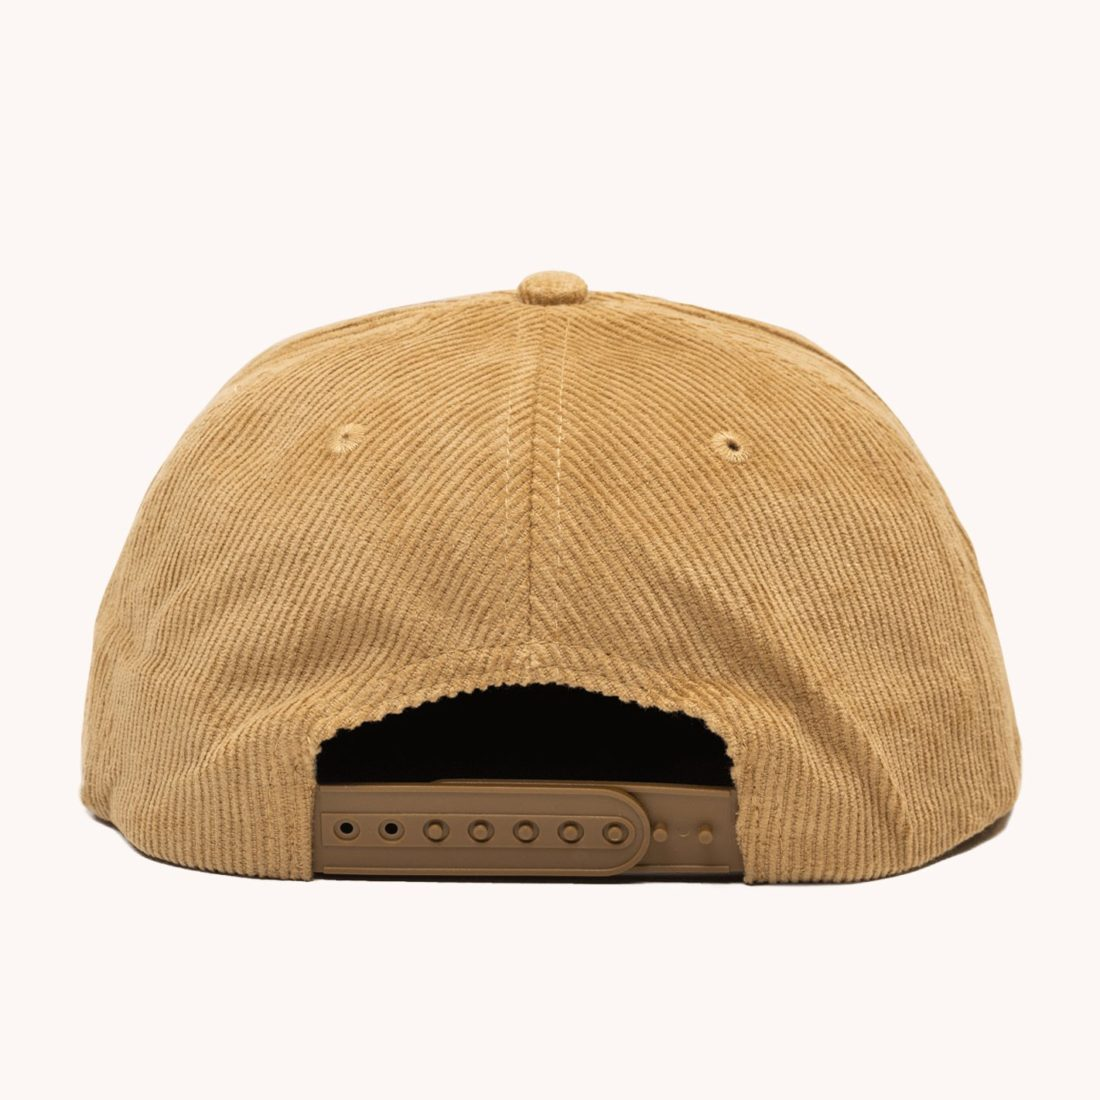 Camp Hat - Tan 4